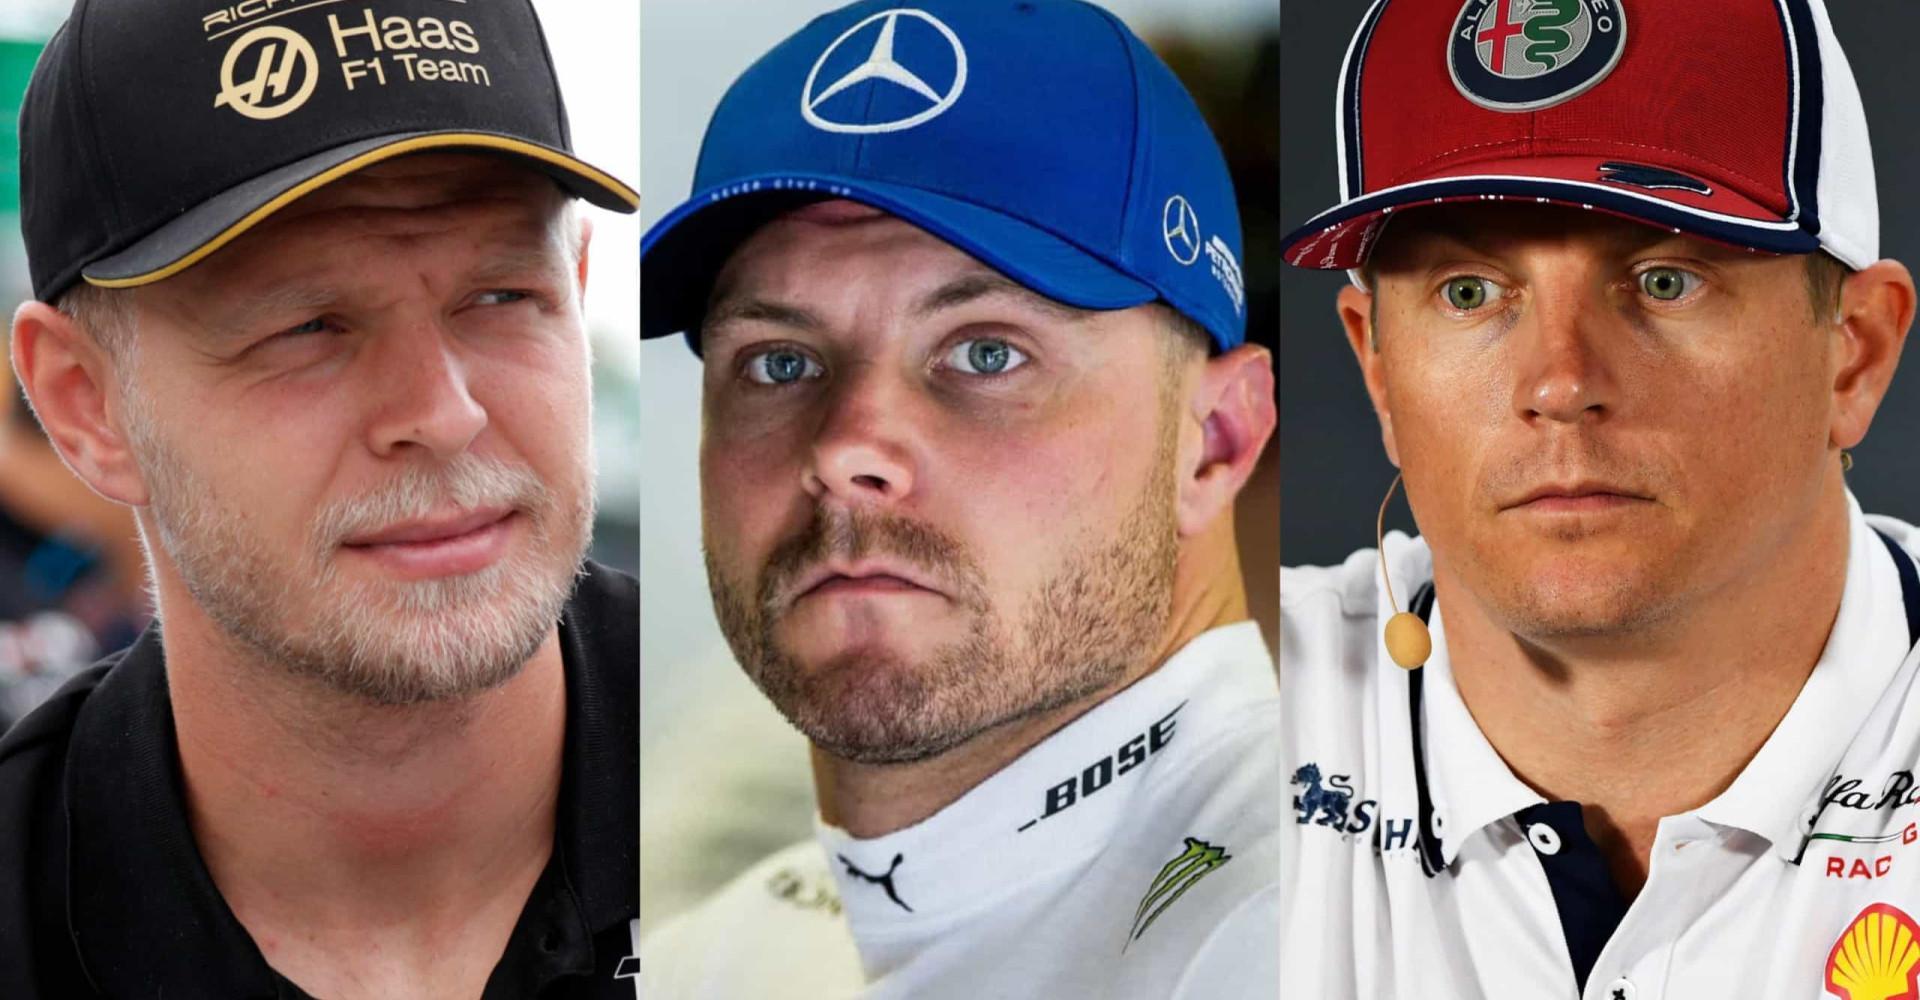 Katso, kuinka paljon Räikkönen ja muut parhaat formulakuskit tienaavat!